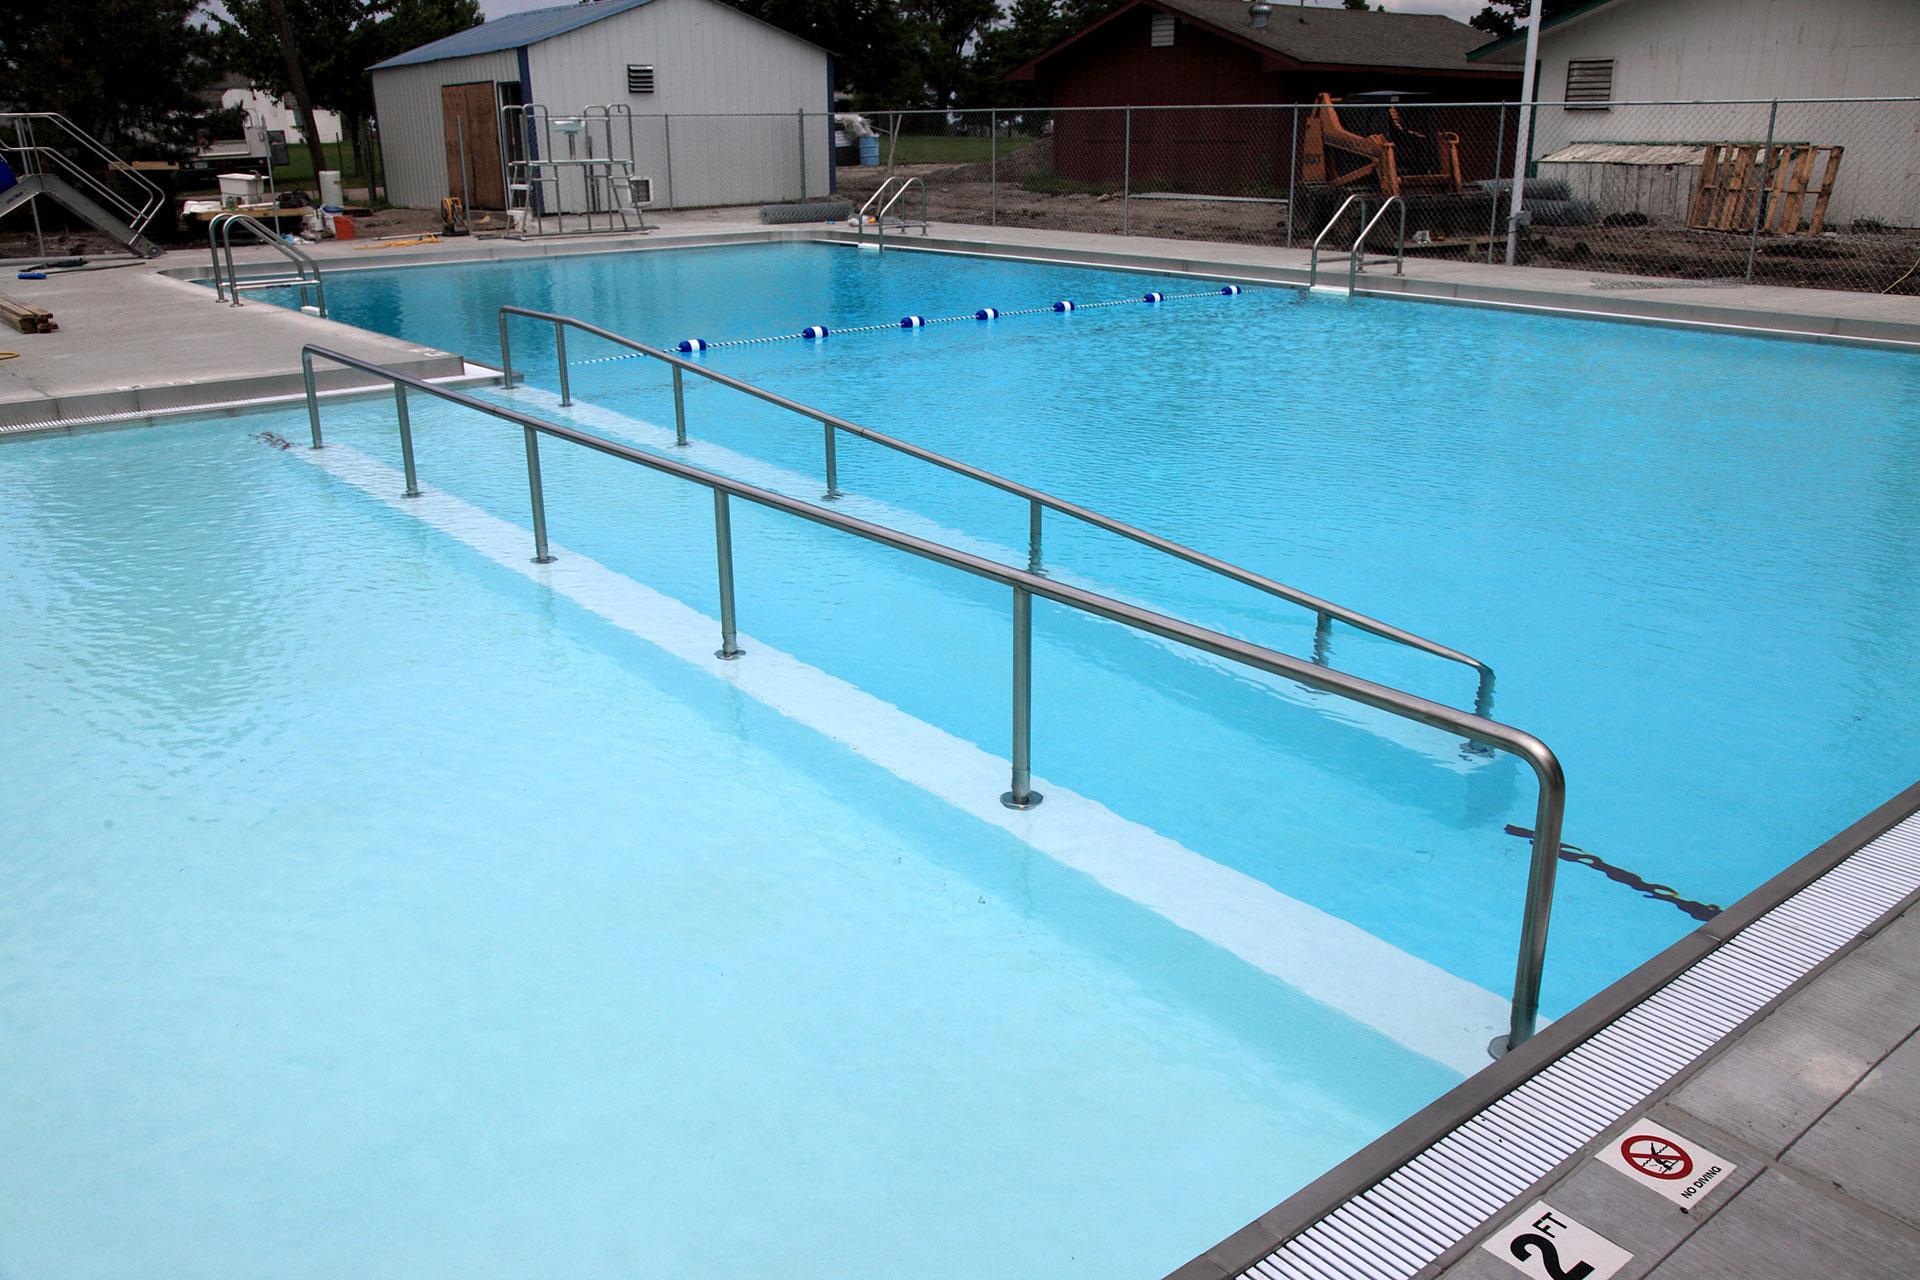 Effingham Kansas Swimming Pool